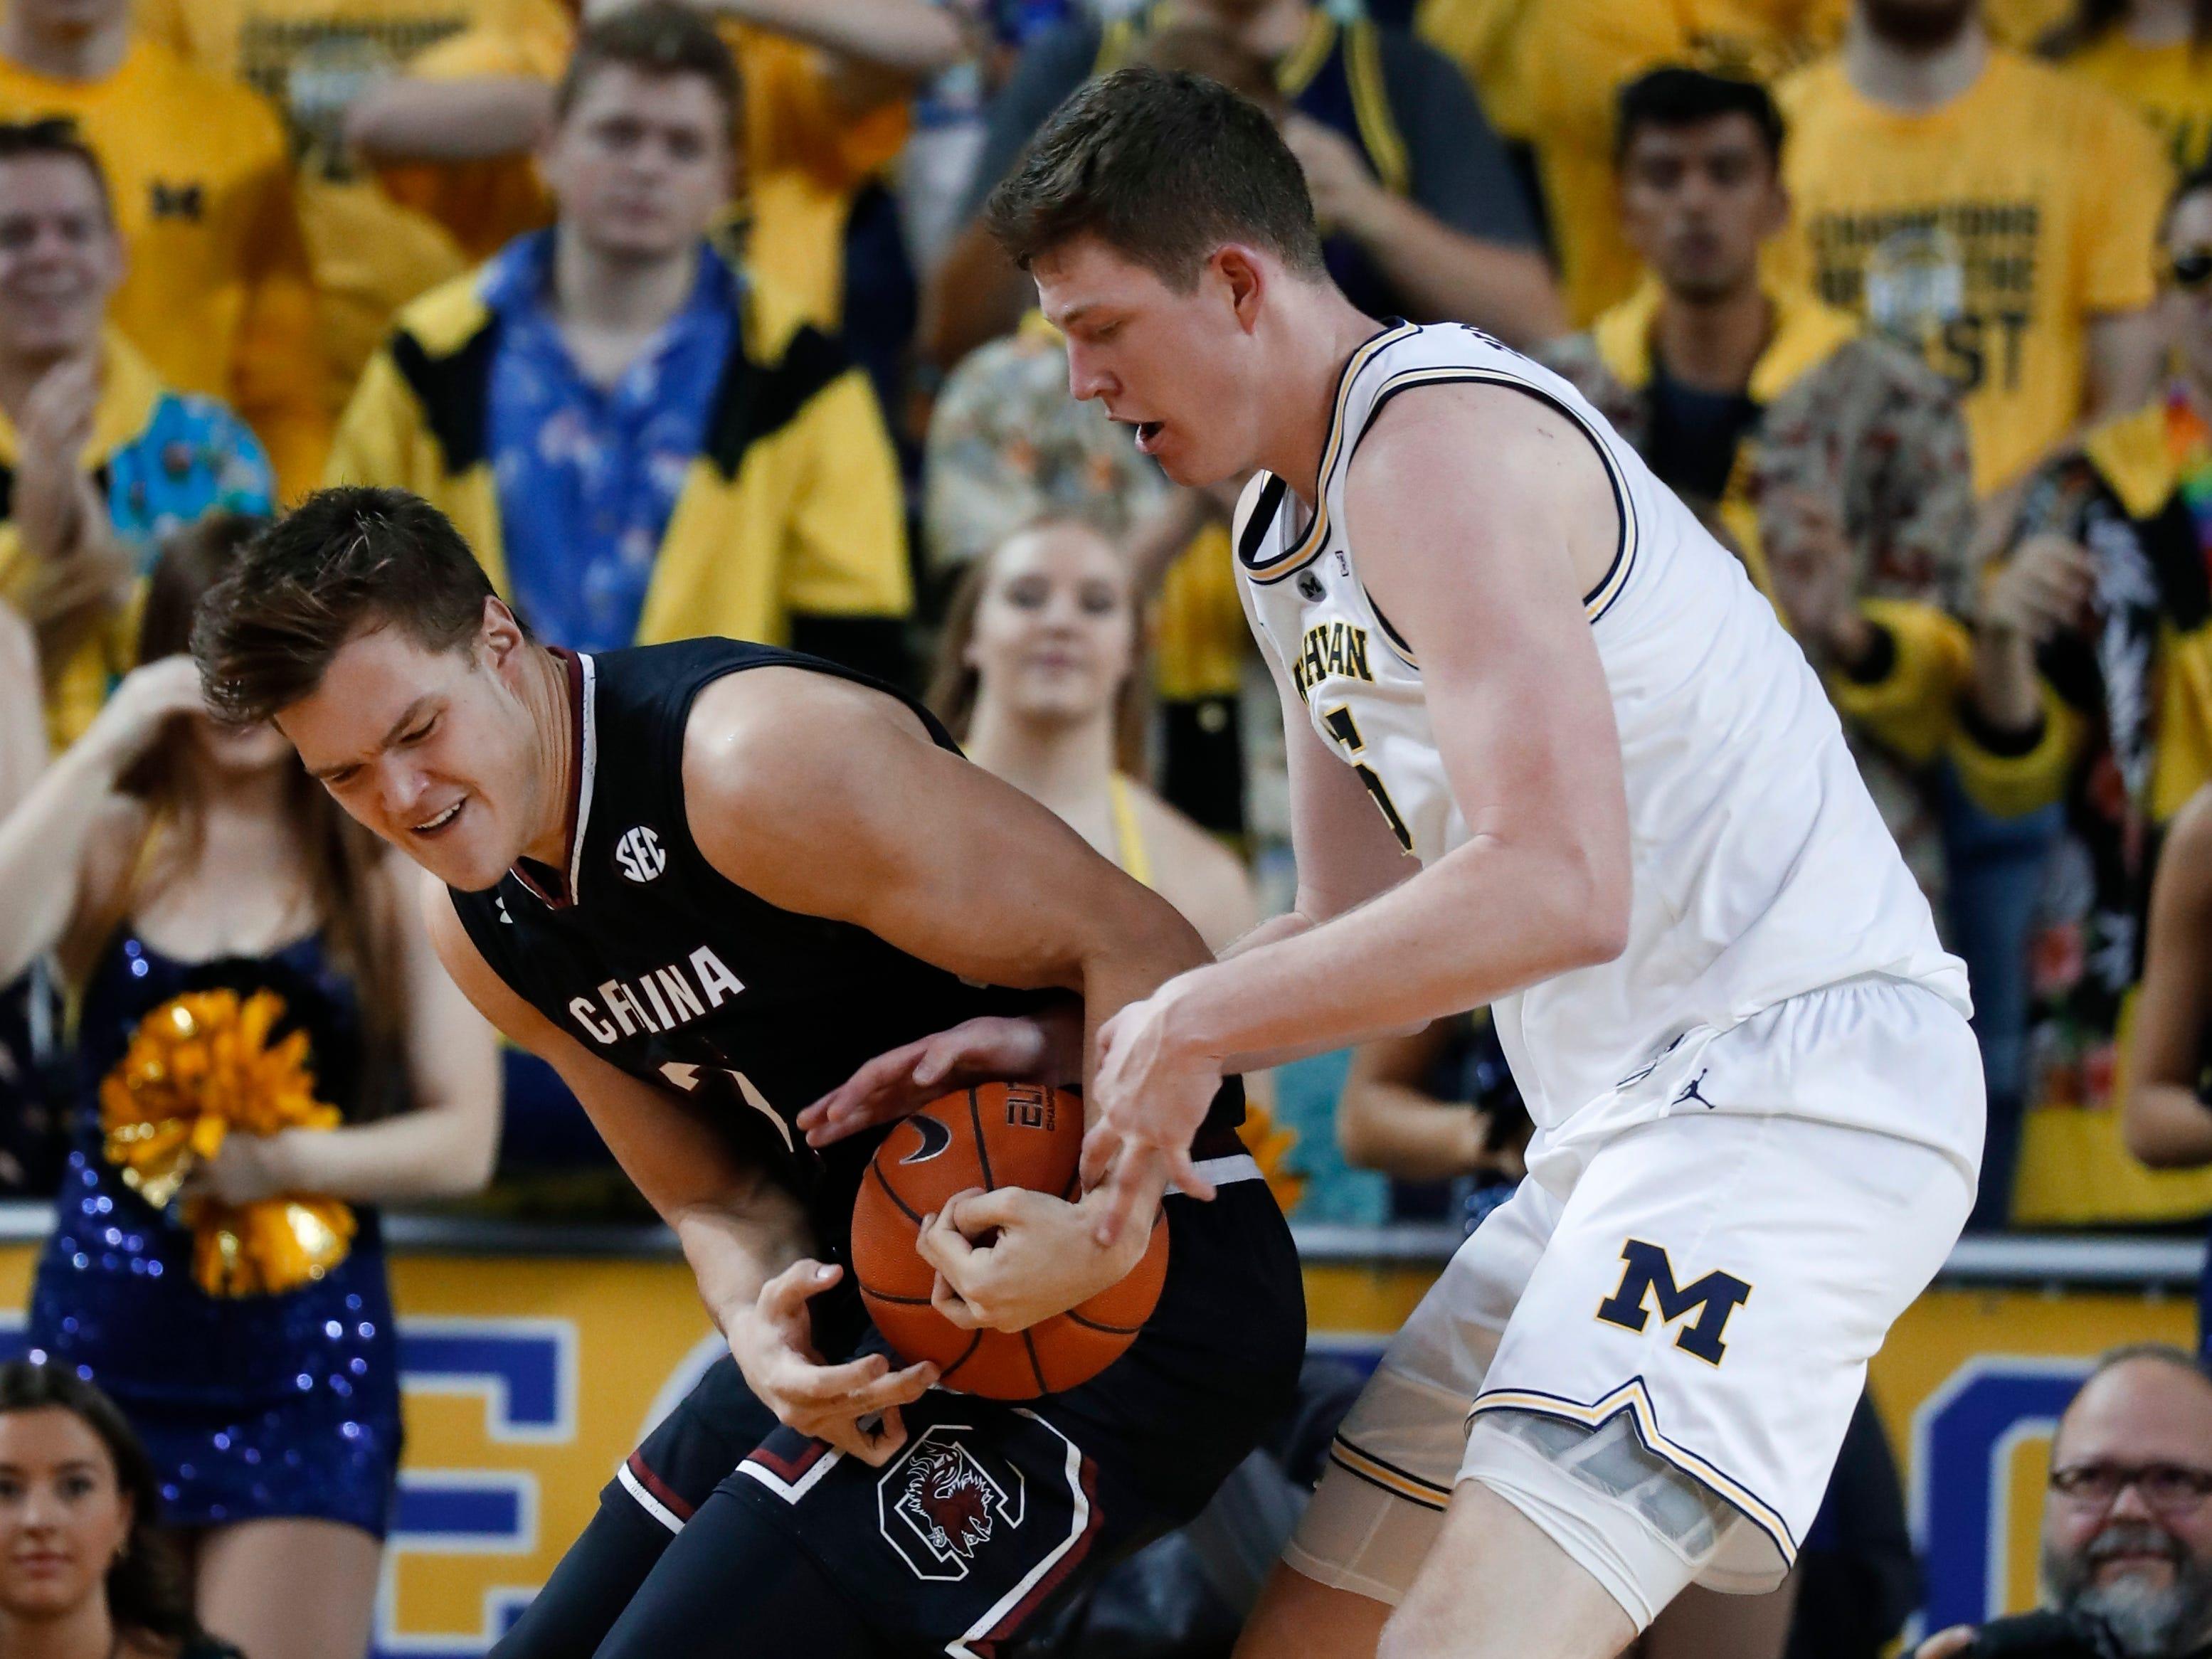 South Carolina forward Maik Kotsar (21) and Michigan center Jon Teske (15) battle for the ball in the second half.